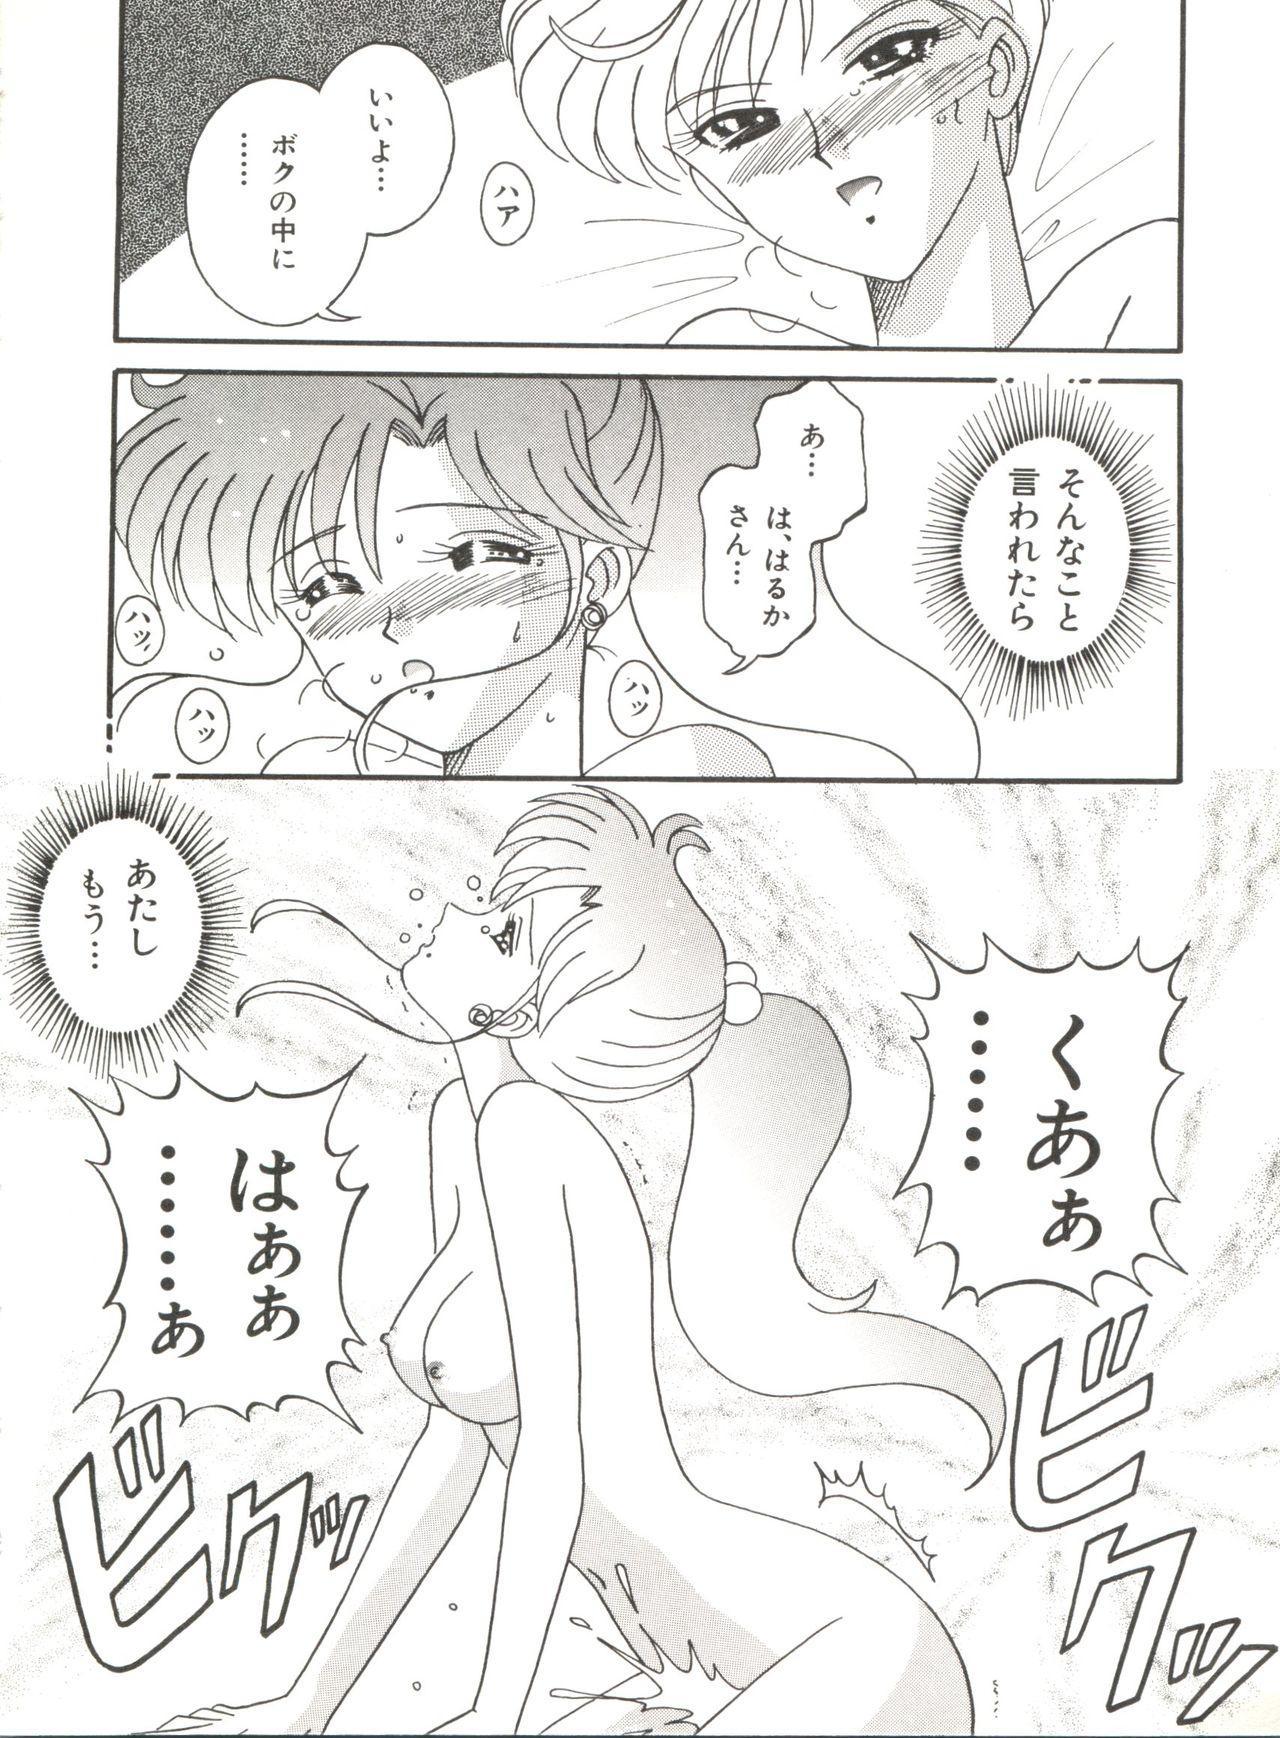 Bishoujo Doujinshi Anthology 12 - Moon Paradise 7 Tsuki no Rakuen 104